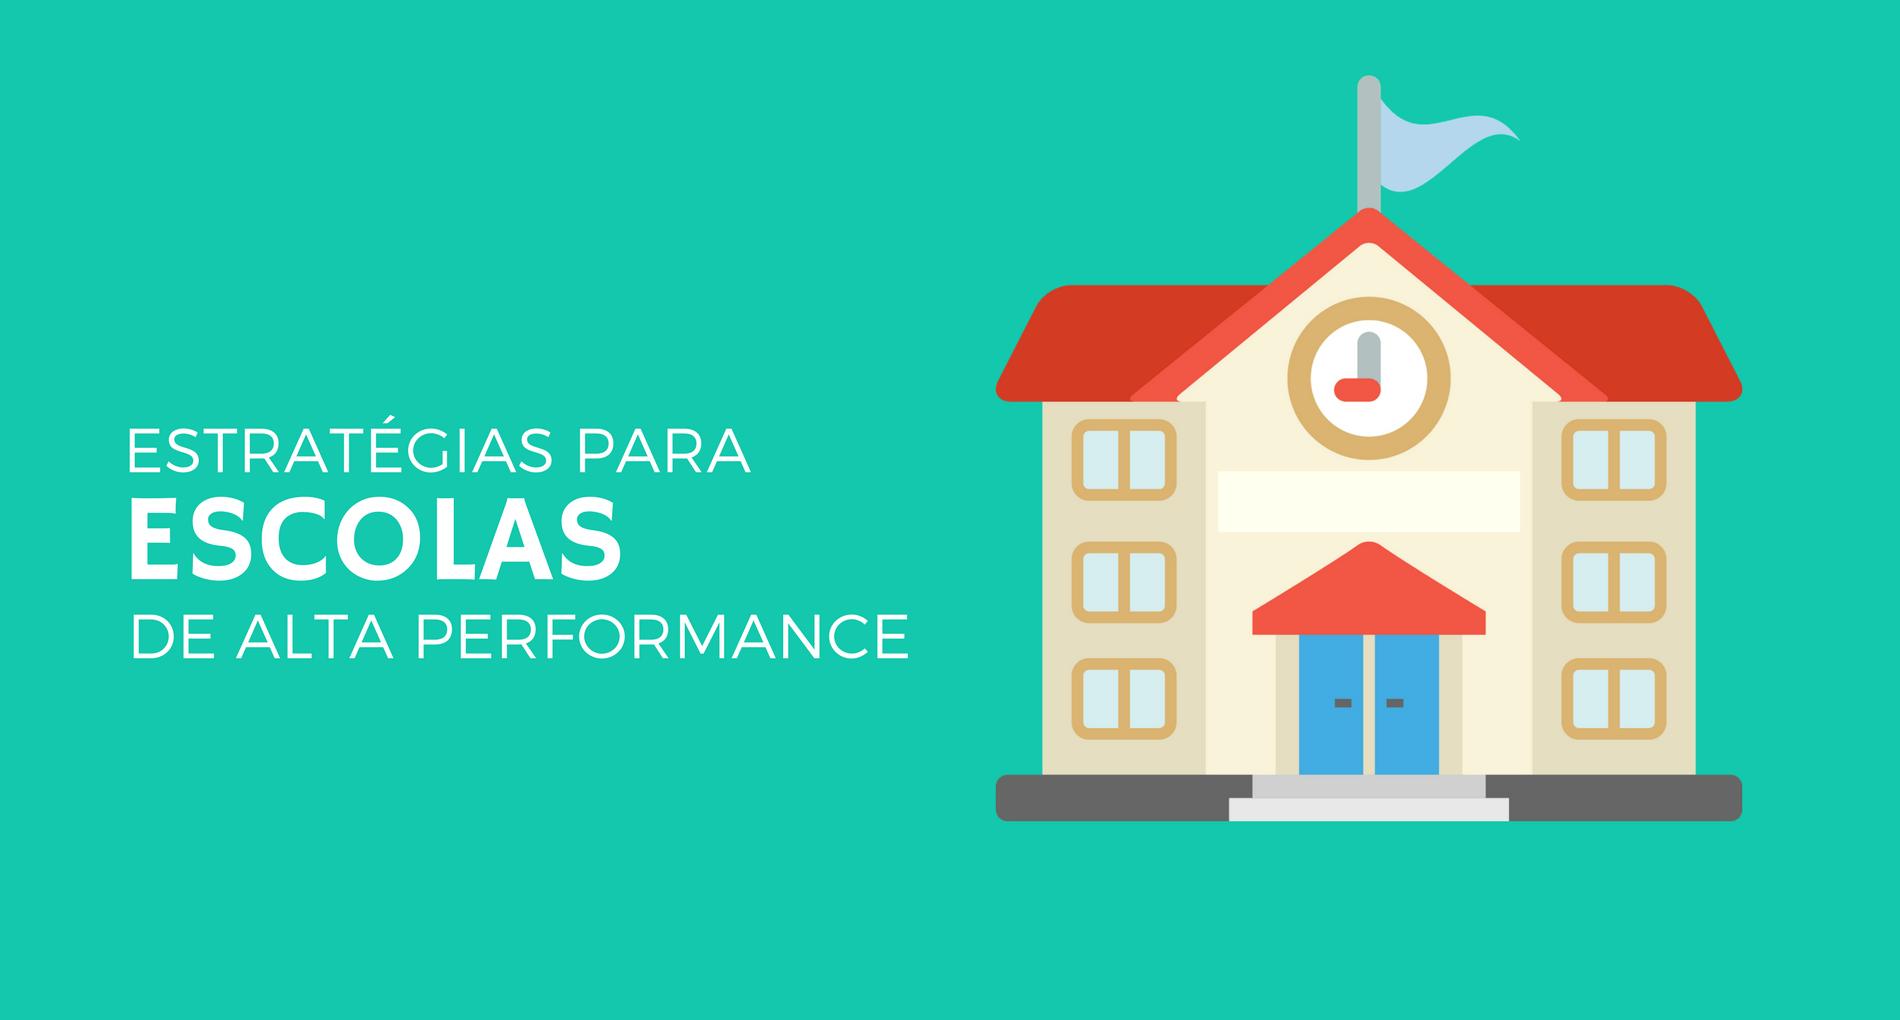 escolas de alta performance